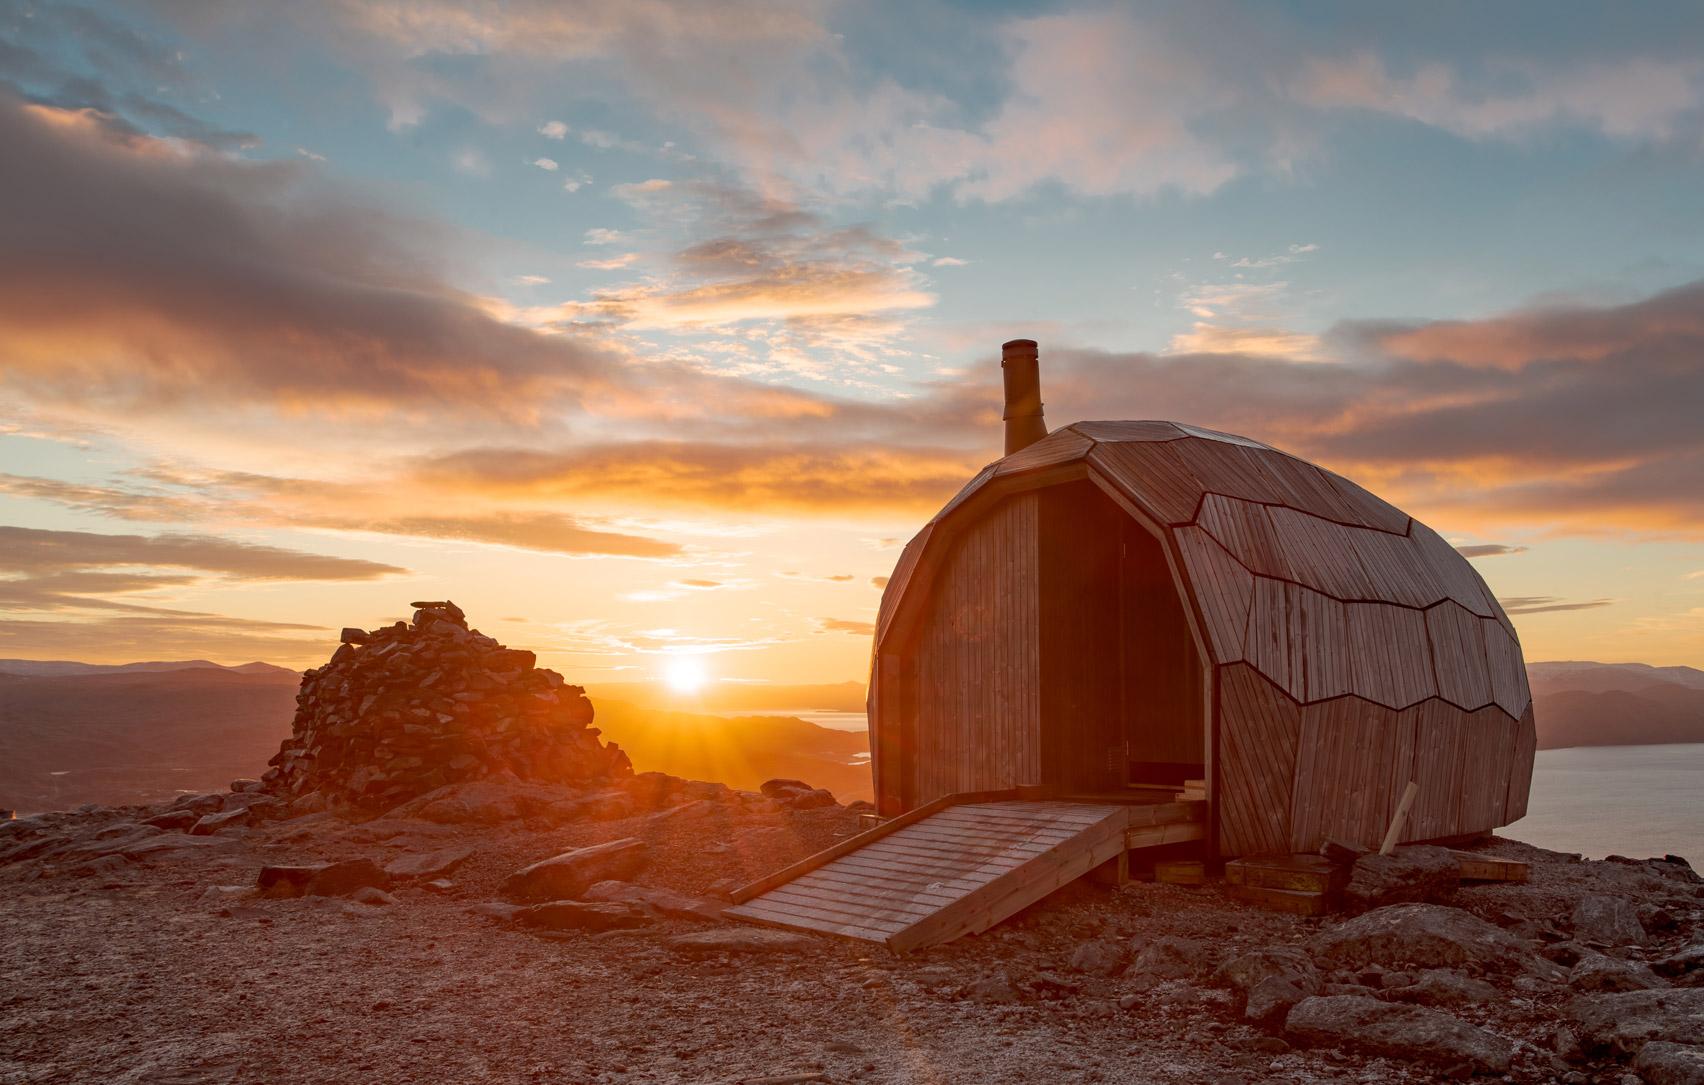 Güneş doğarken ahşap kabin dış görünüşü ve manzara